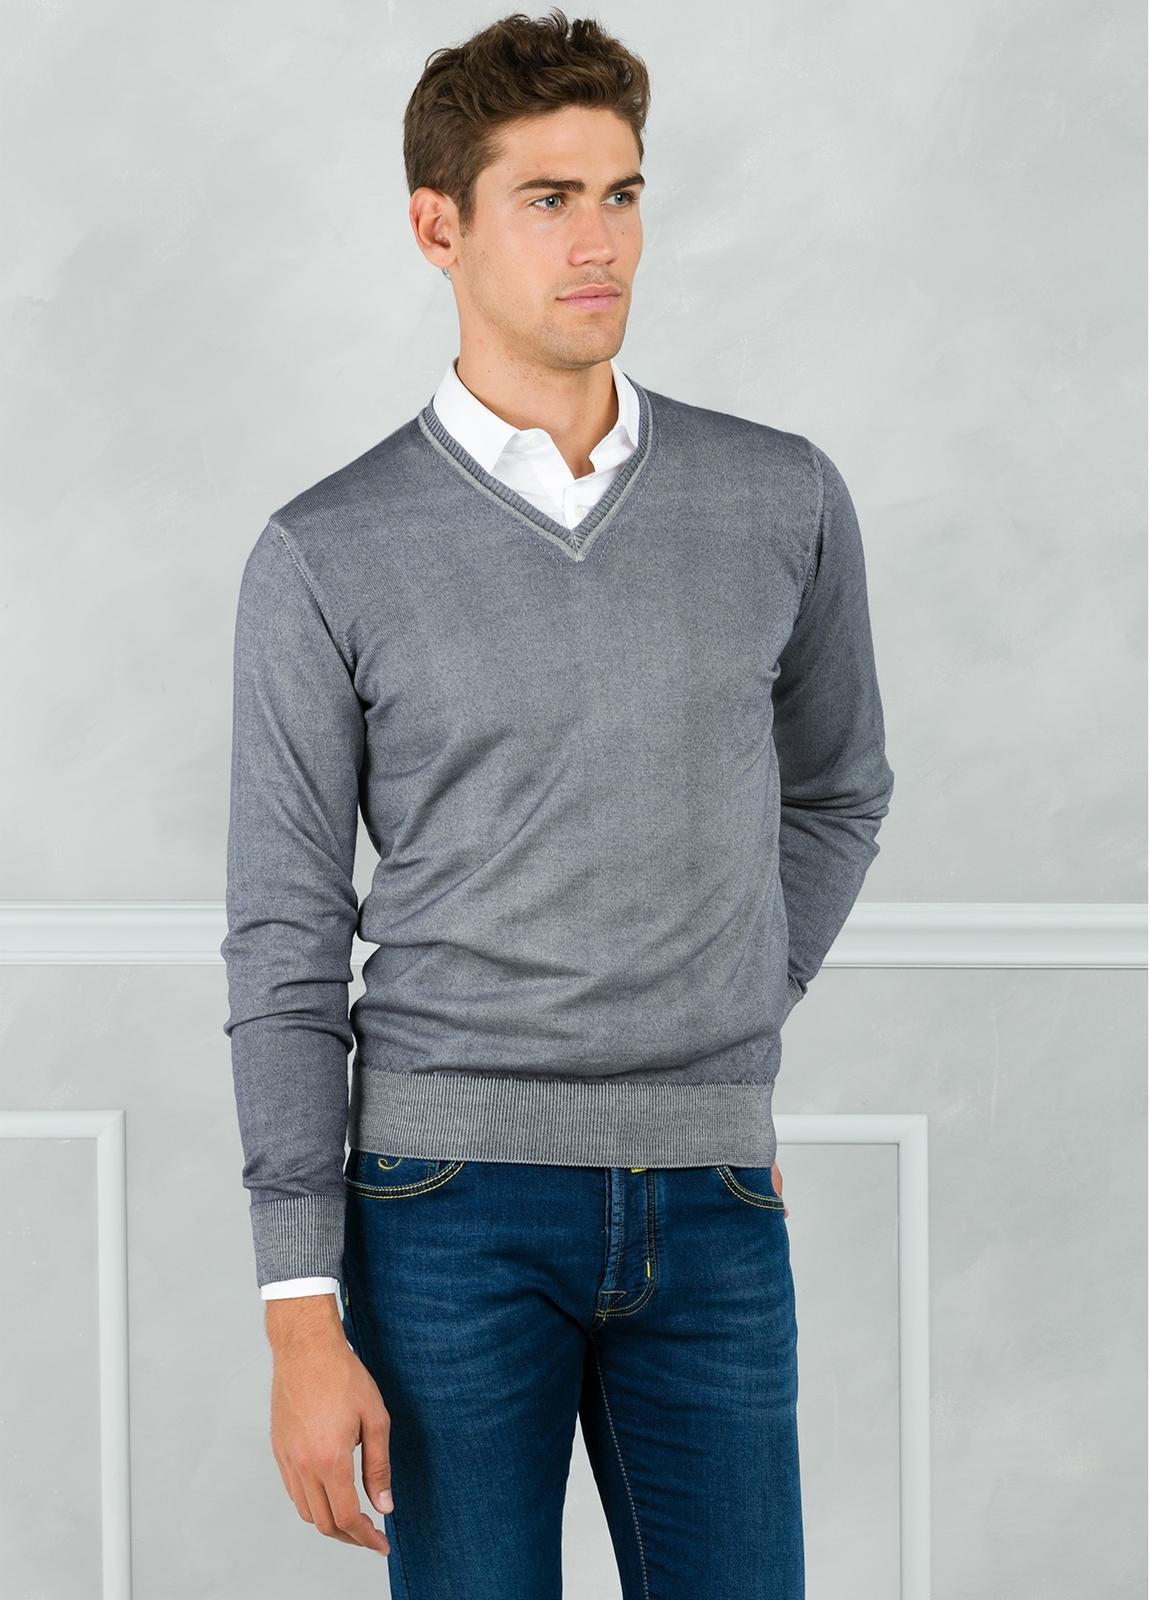 Jersey liso cuello pico, color gris. 100% Lana merino. - Ítem2